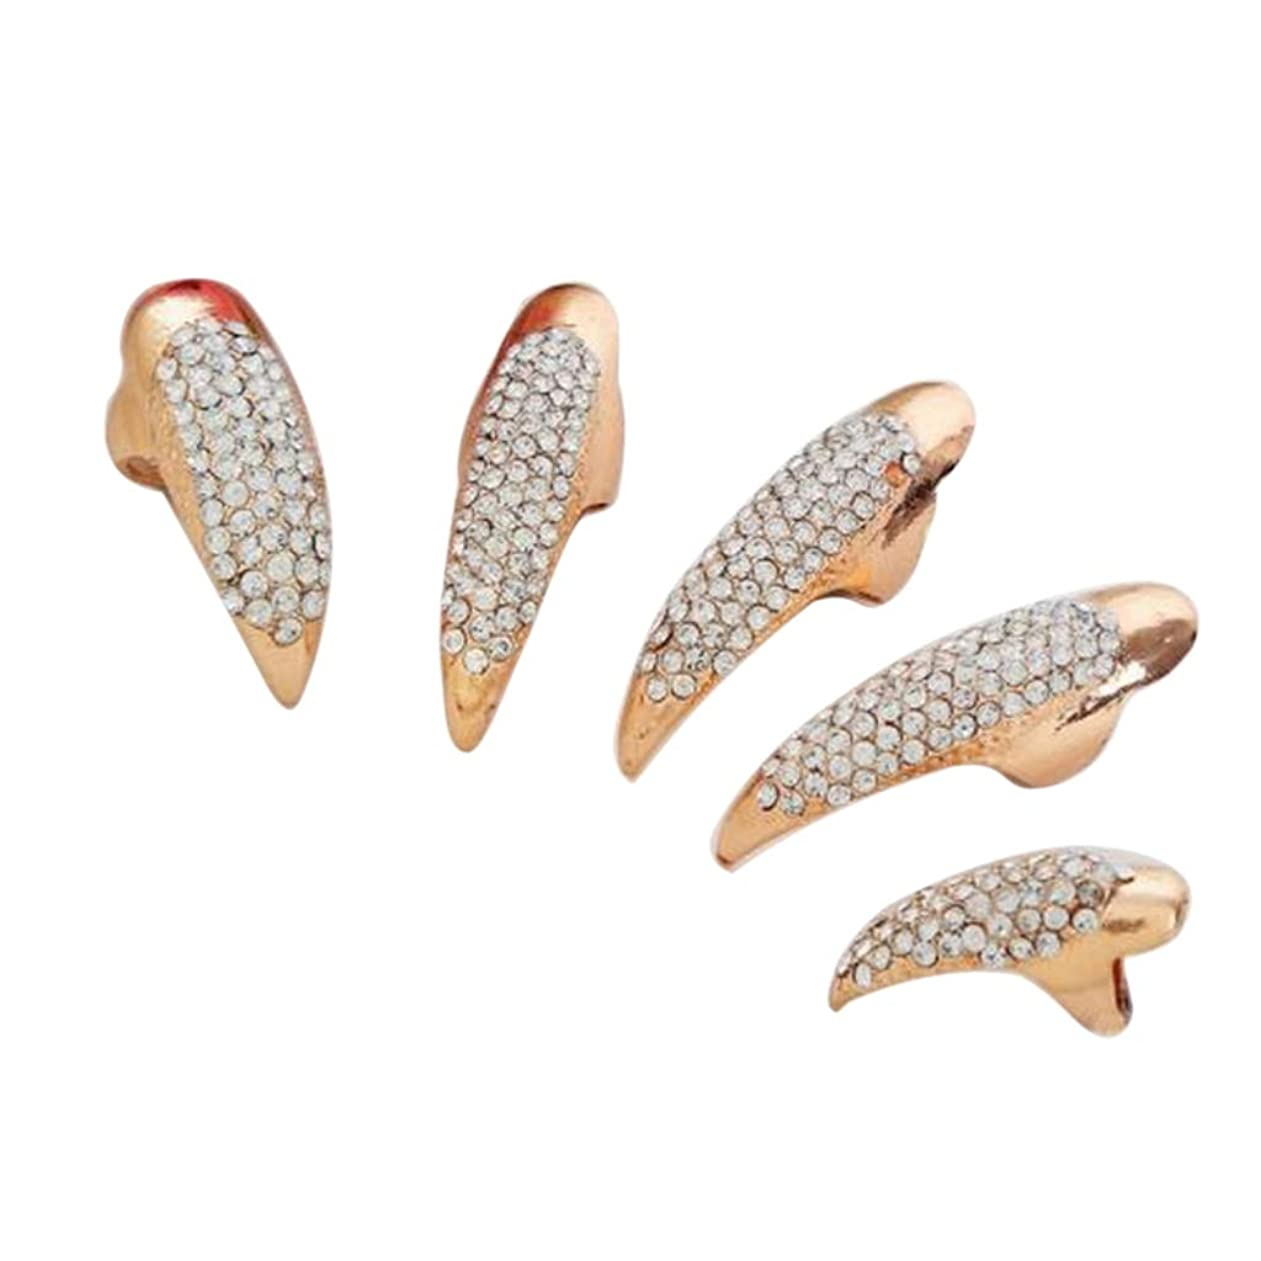 話をする行動領域Sharplace 爪リング ネイルチップ ネイルアート 人工の爪 曲げ爪 コスプレ パーティー 2色選べ - ゴールデン